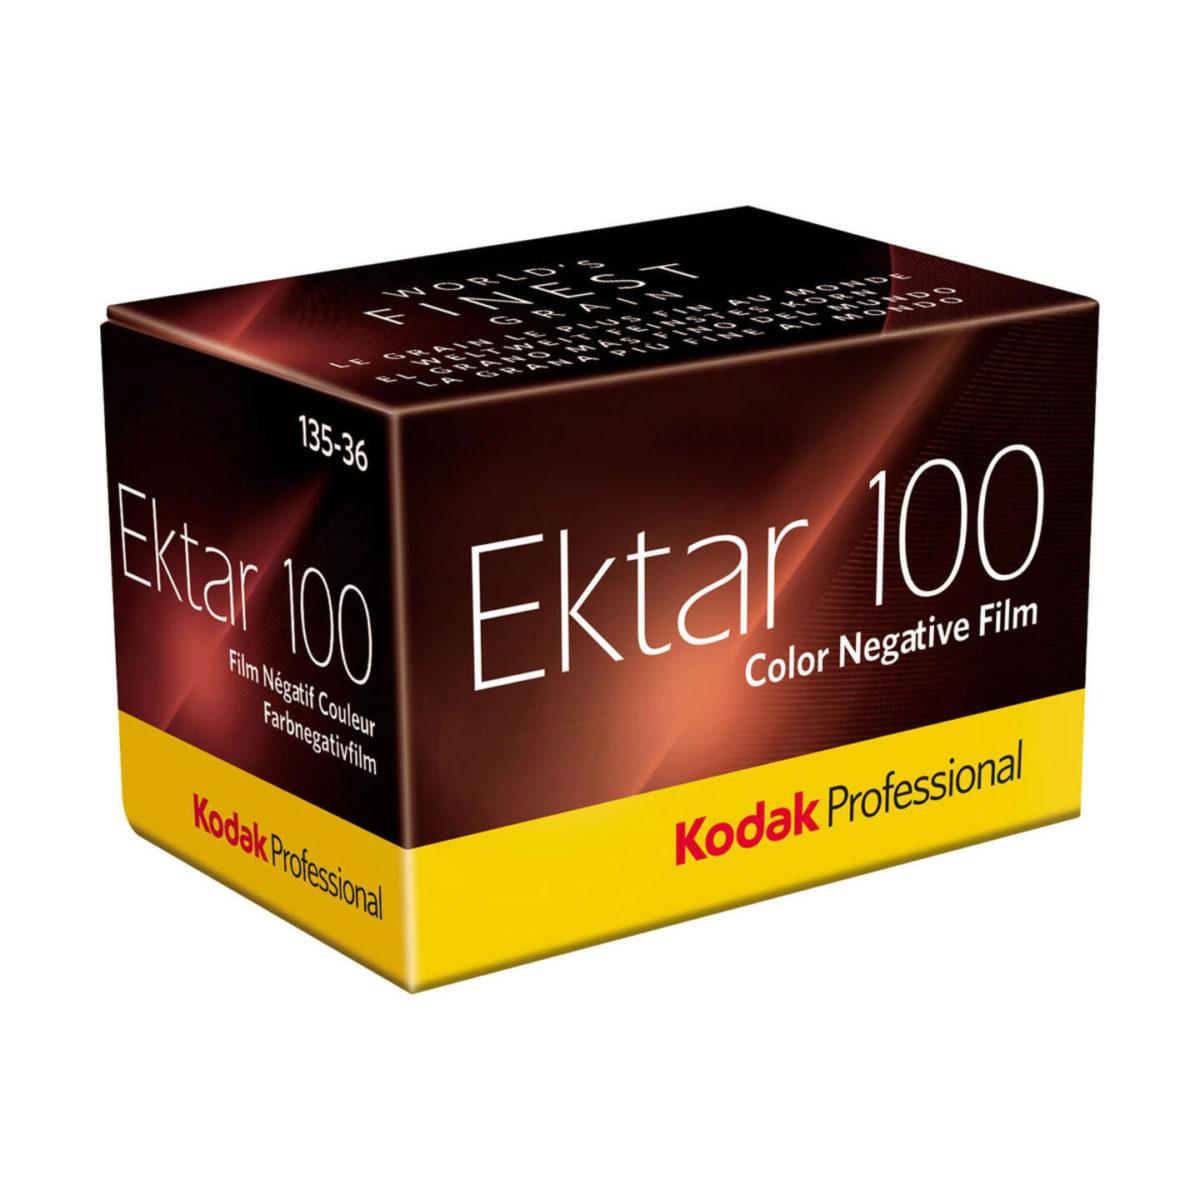 Ektar_100_135__1_01